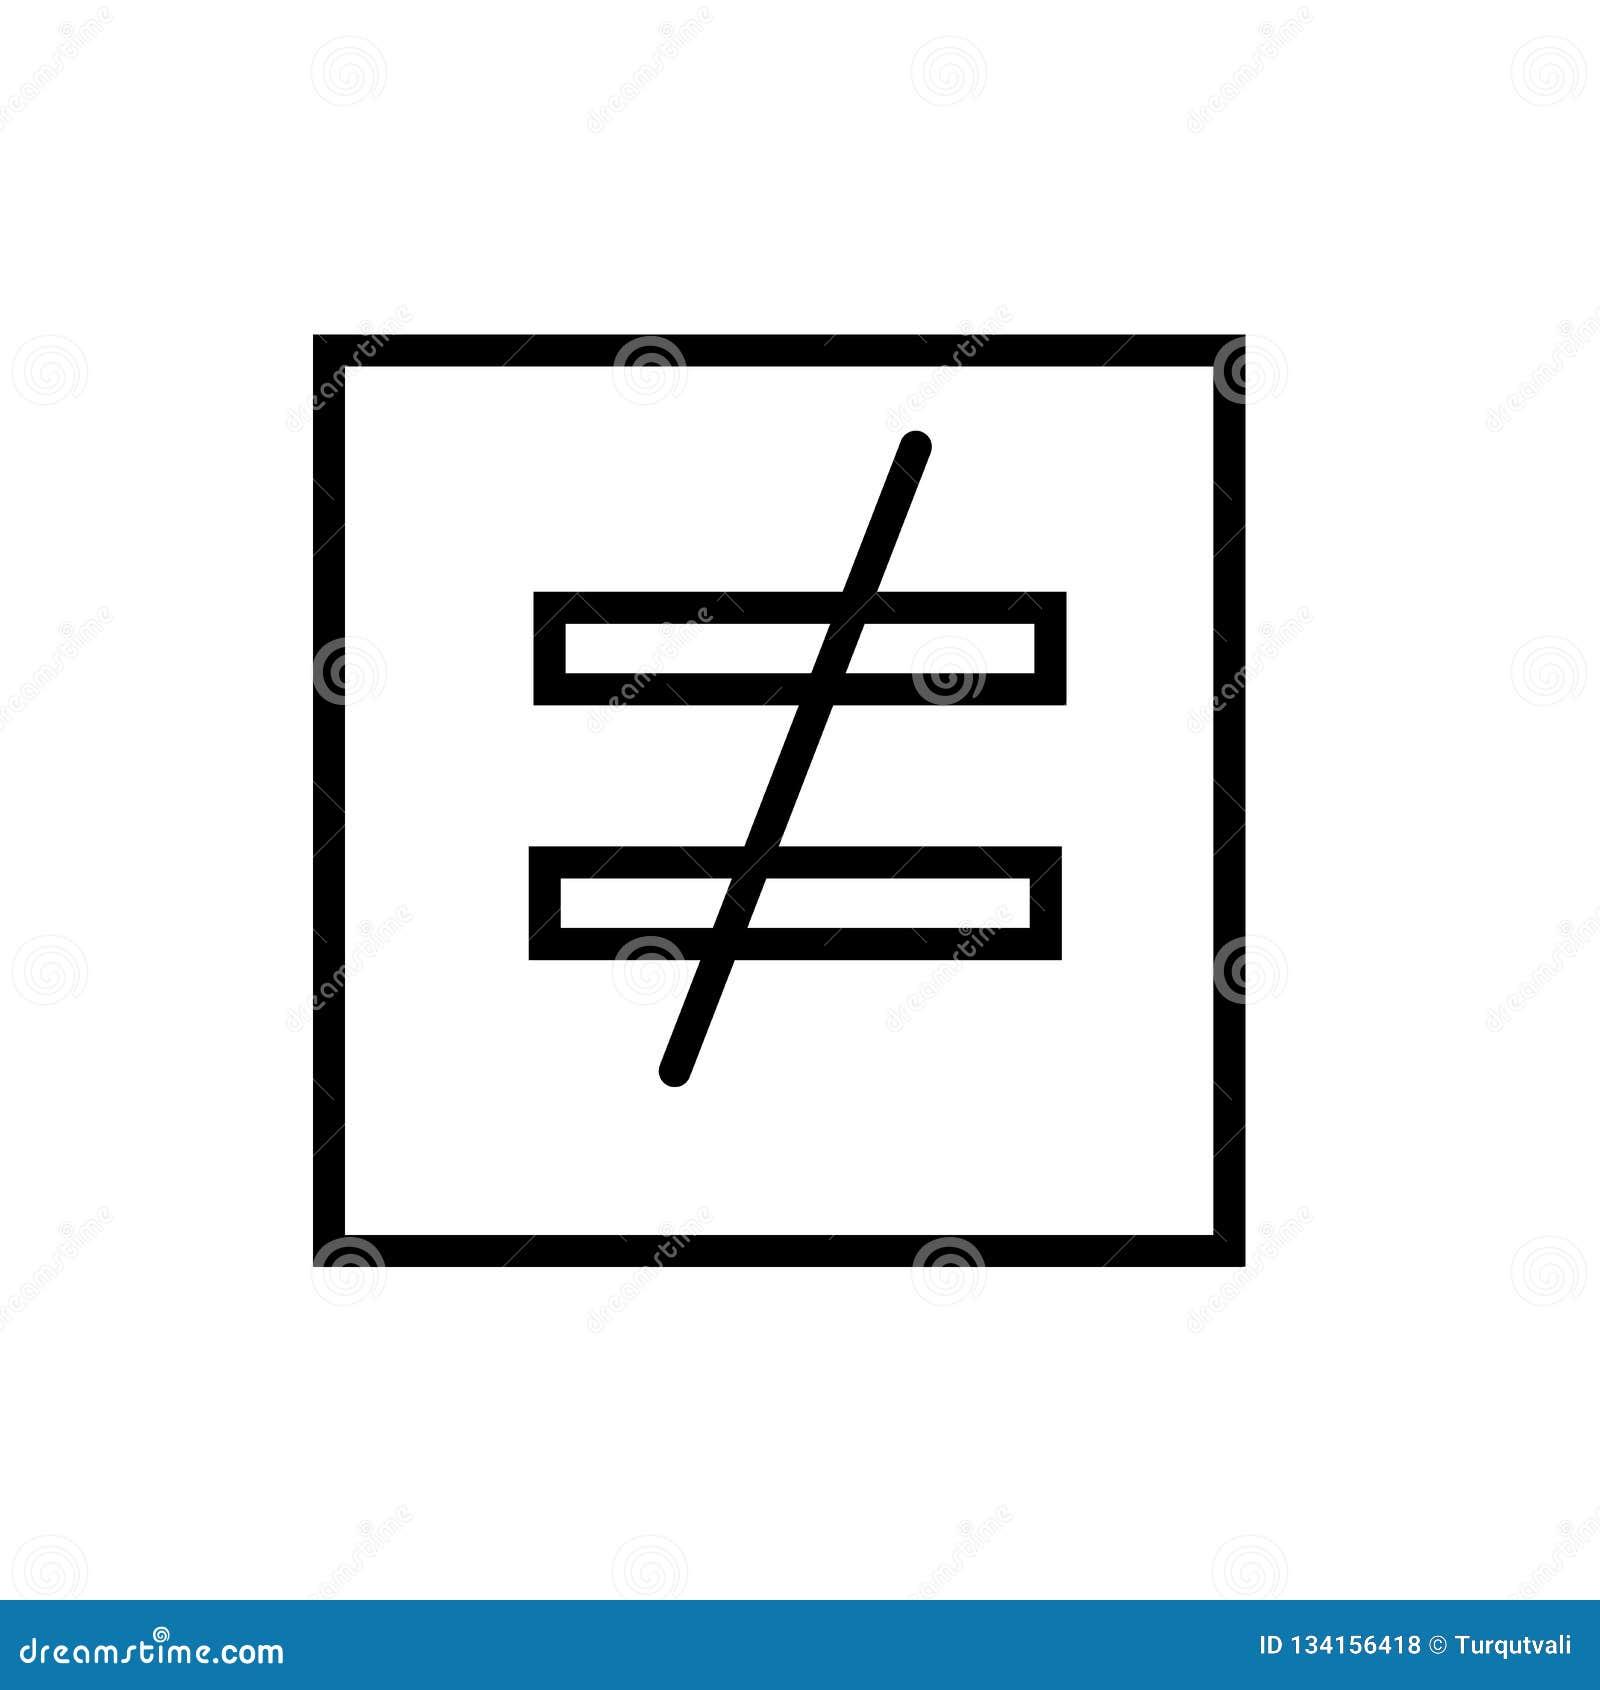 Δεν είναι ίσος με το διάνυσμα εικονιδίων που απομονώνεται στο άσπρο υπόβαθρο, δεν είναι ίσος με το σημάδι, γραμμή και περιγράφει